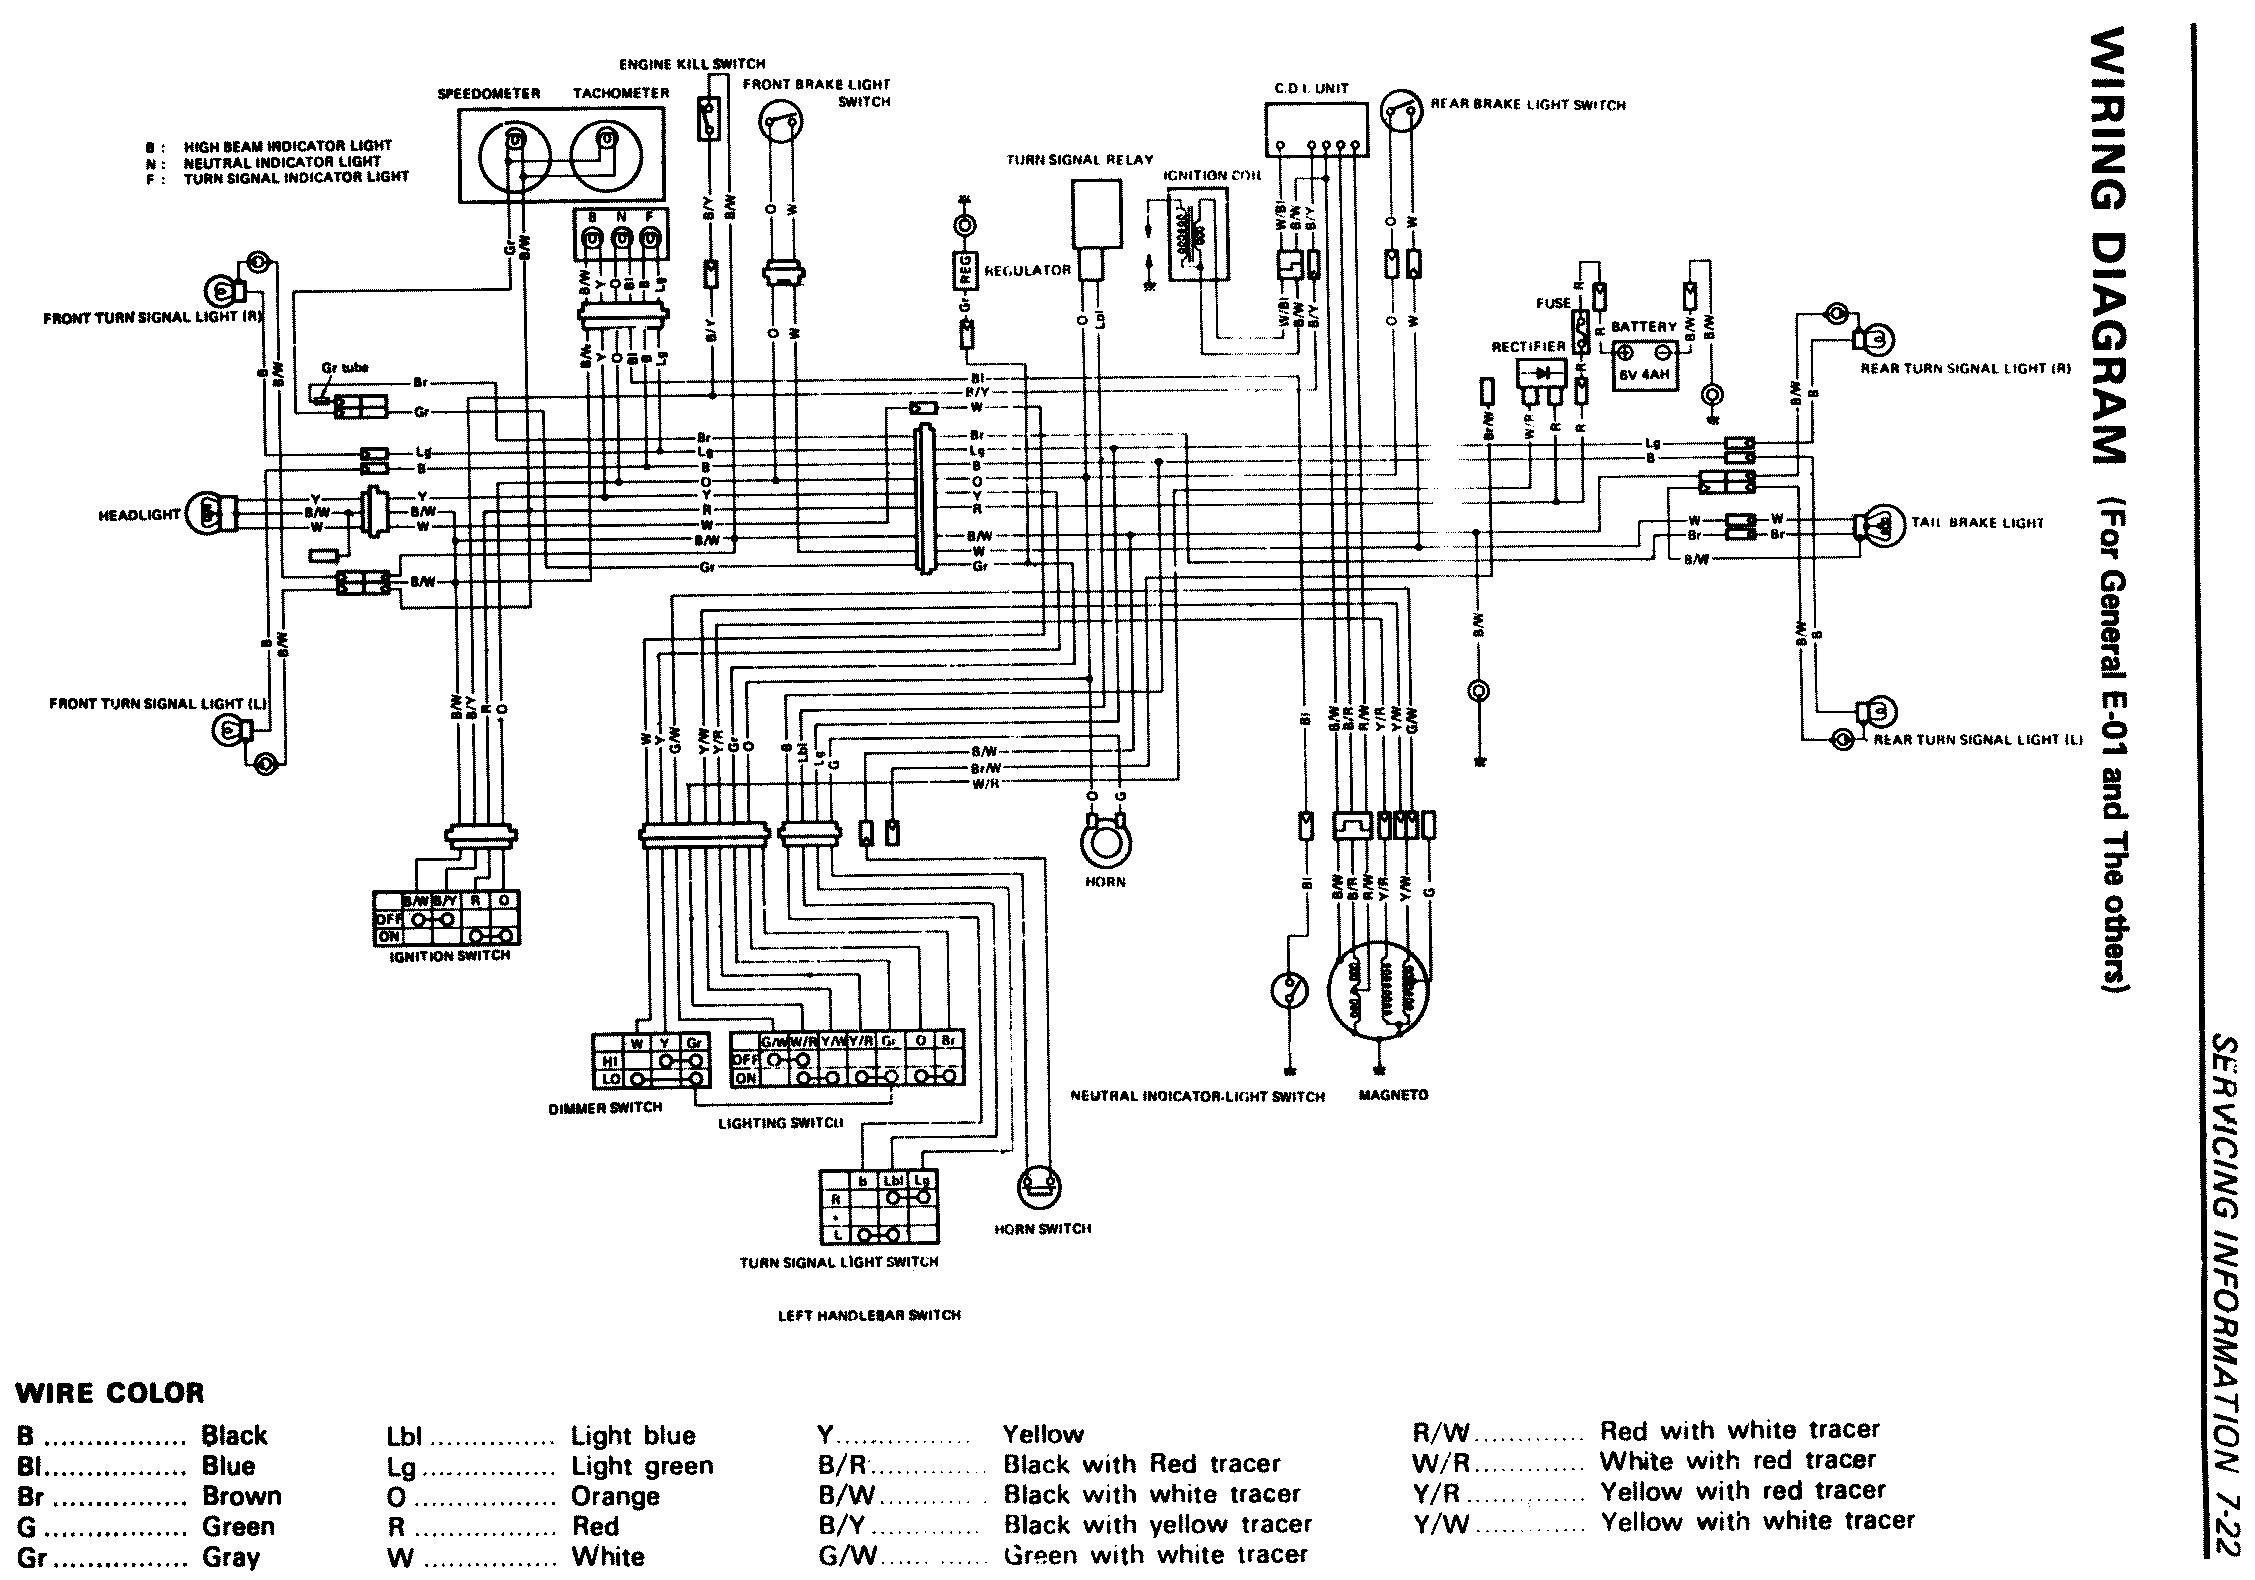 Spx Stone Hydraulic Pump Wiring Diagram